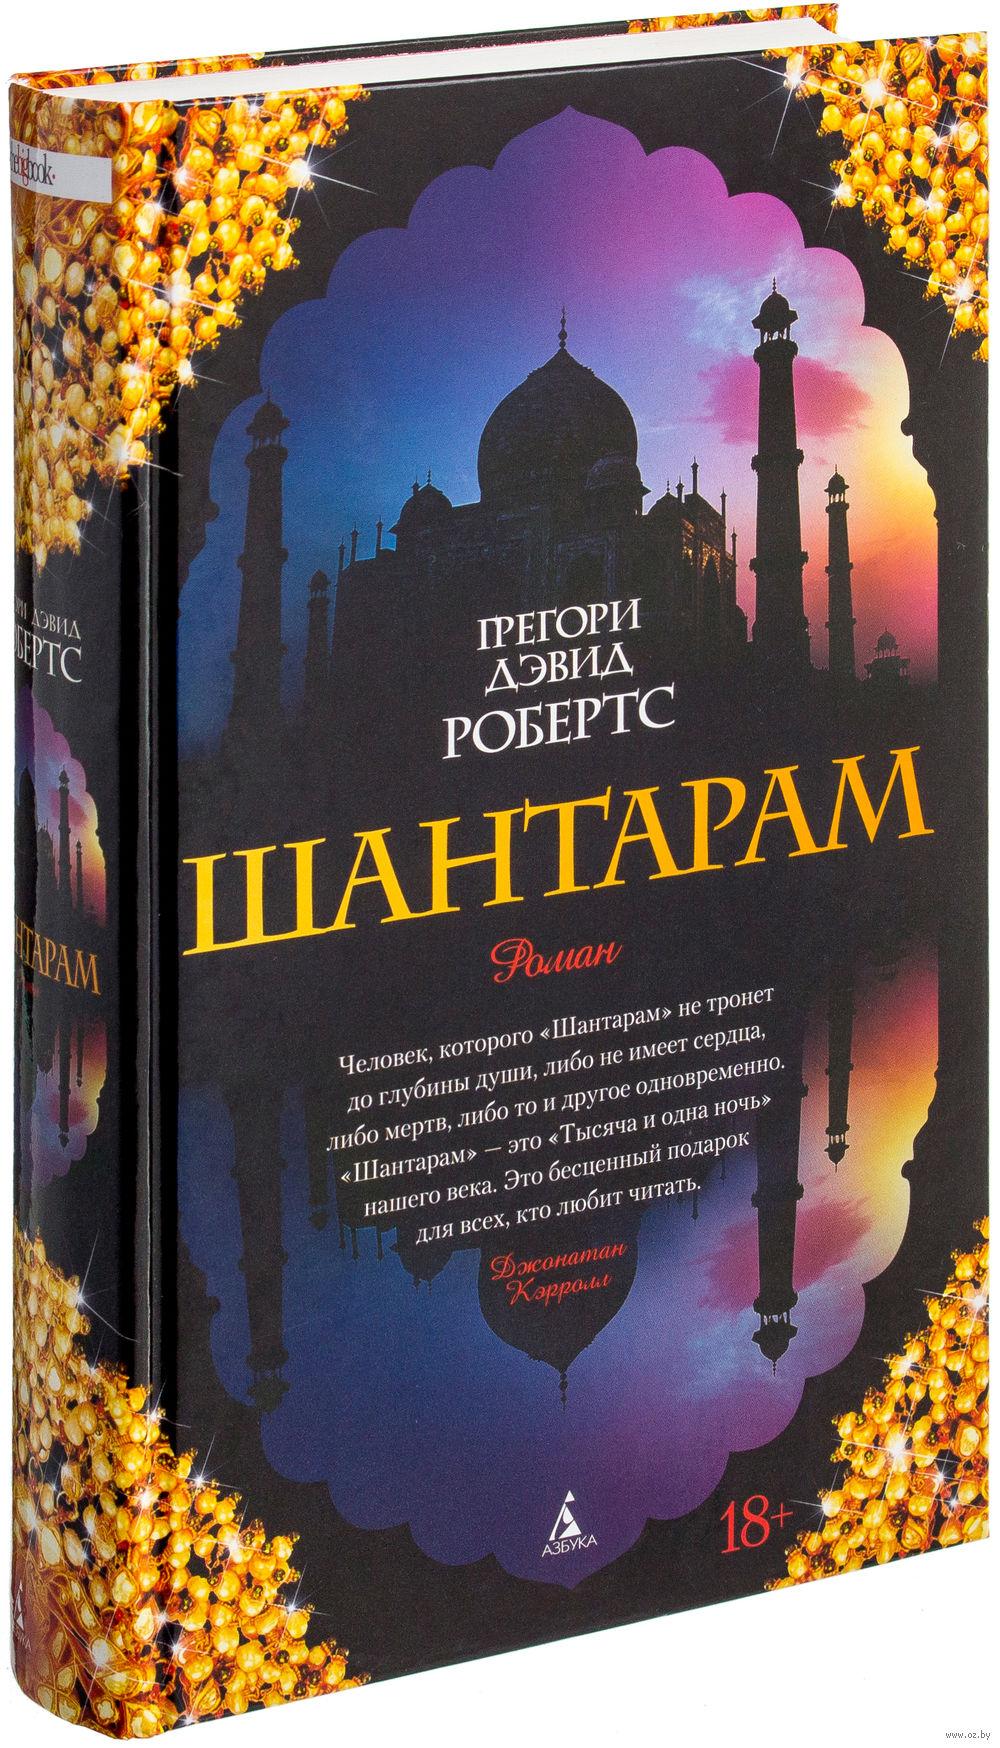 Усцінава, Кіз, Батракова. Якія кнігі чыталі гродзенцы ў красавіку